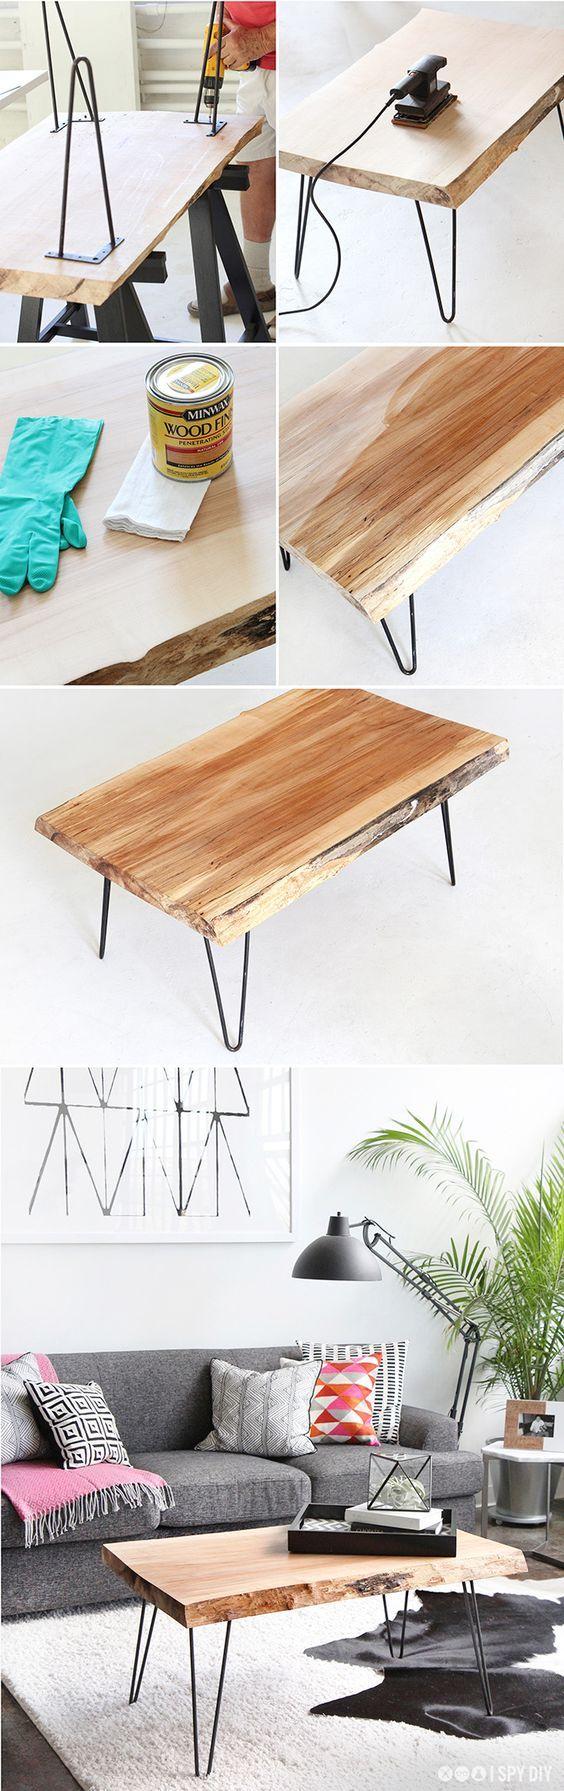 Já pensou em fazer a sua própria mesa de centro  Se você gosta do estilo  industrial ca8e8db21c6